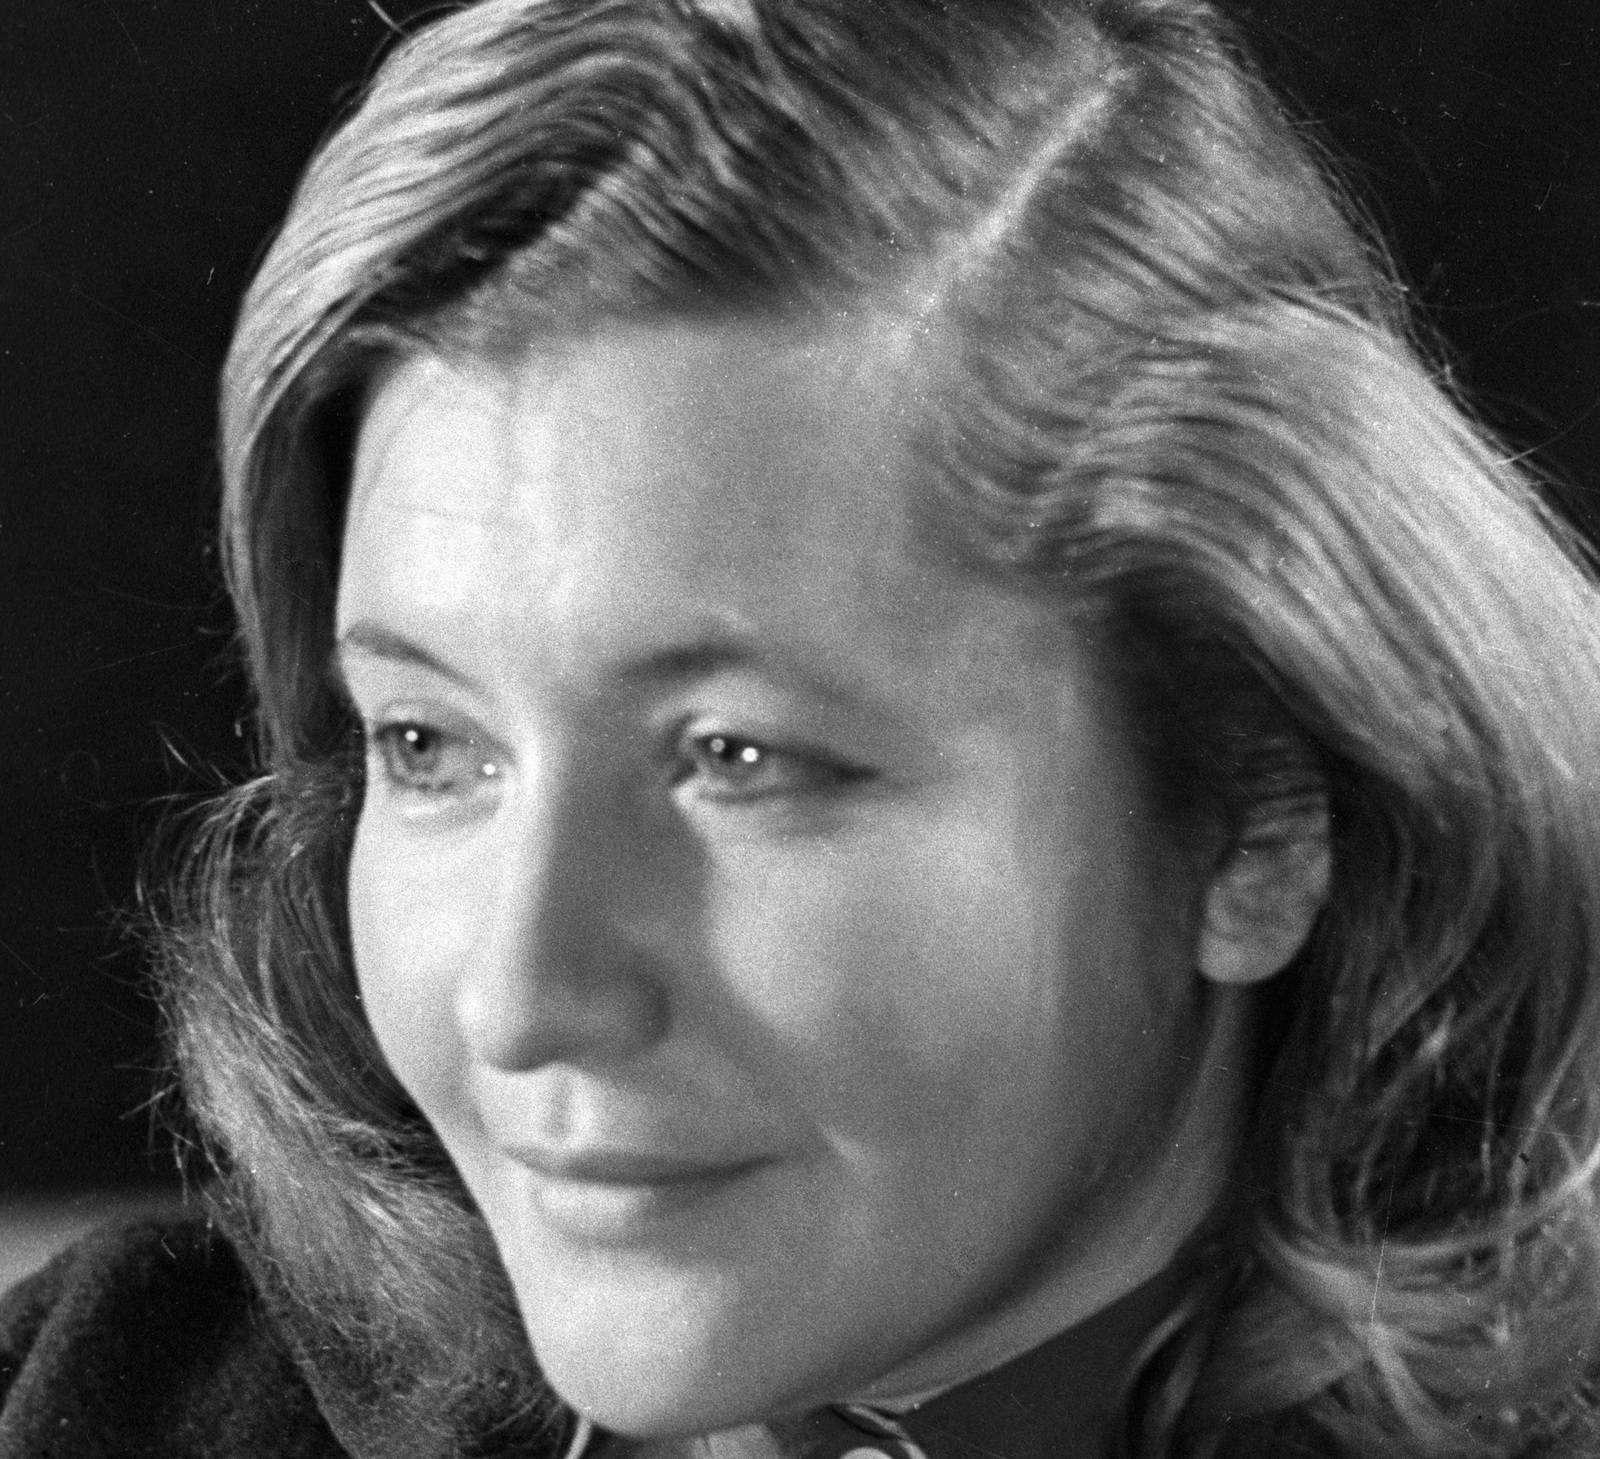 Юлия Друнина — поэтесса-фронтовик, не вынесла развала СССР